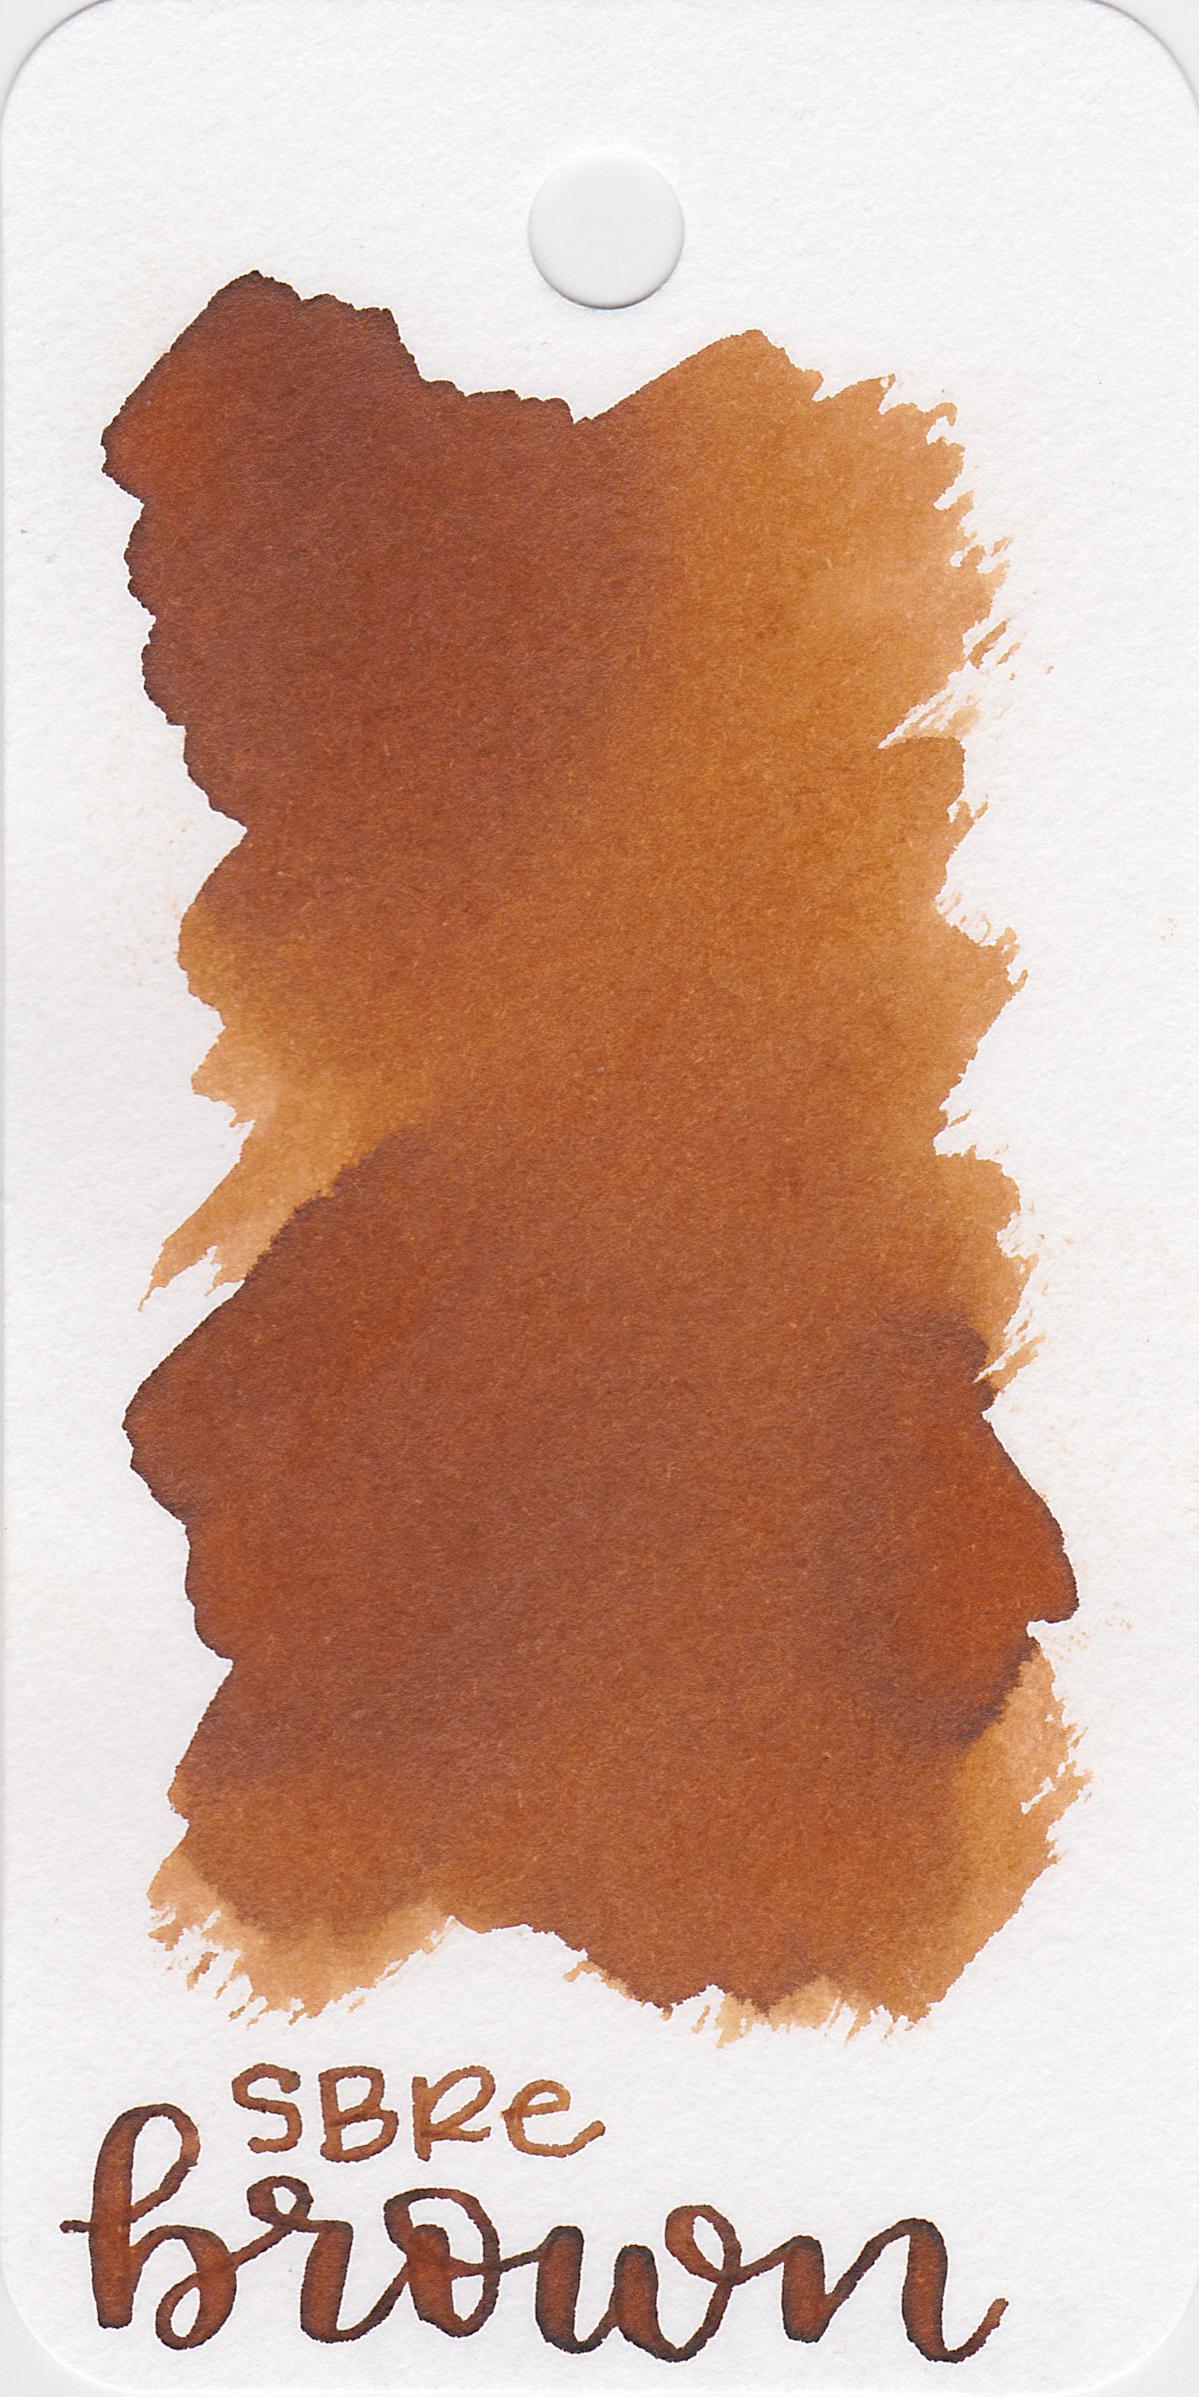 sbre-brown-1.jpg